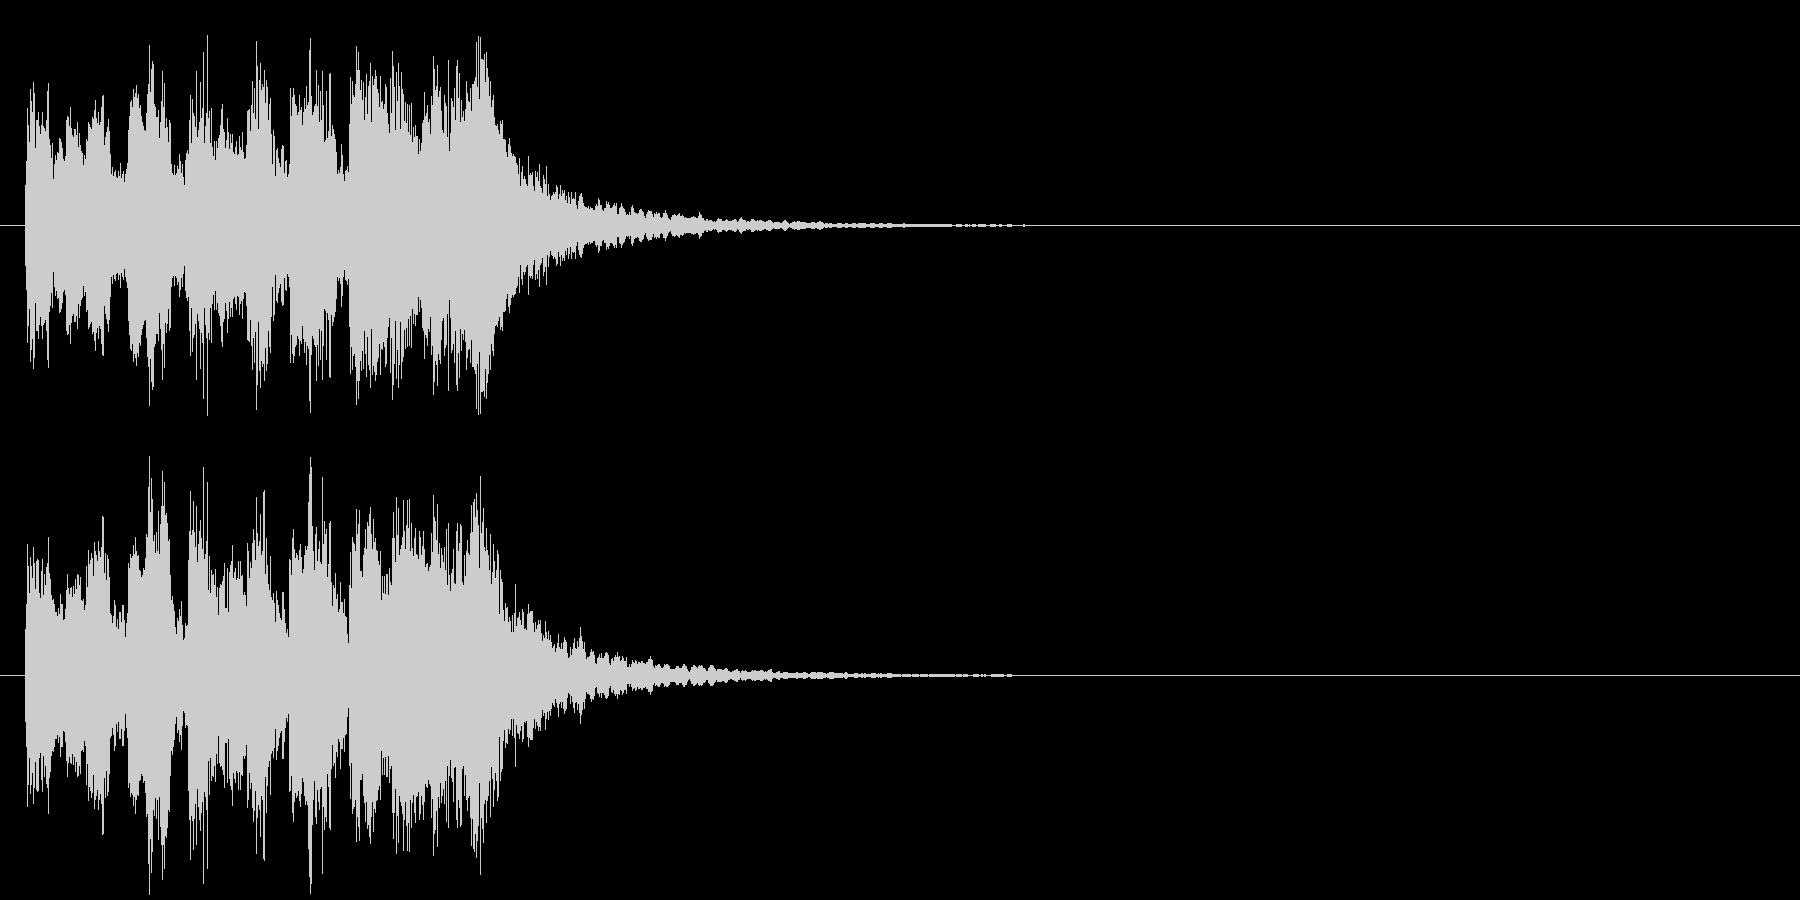 テーマ 科学 クイズ 場面転換の未再生の波形